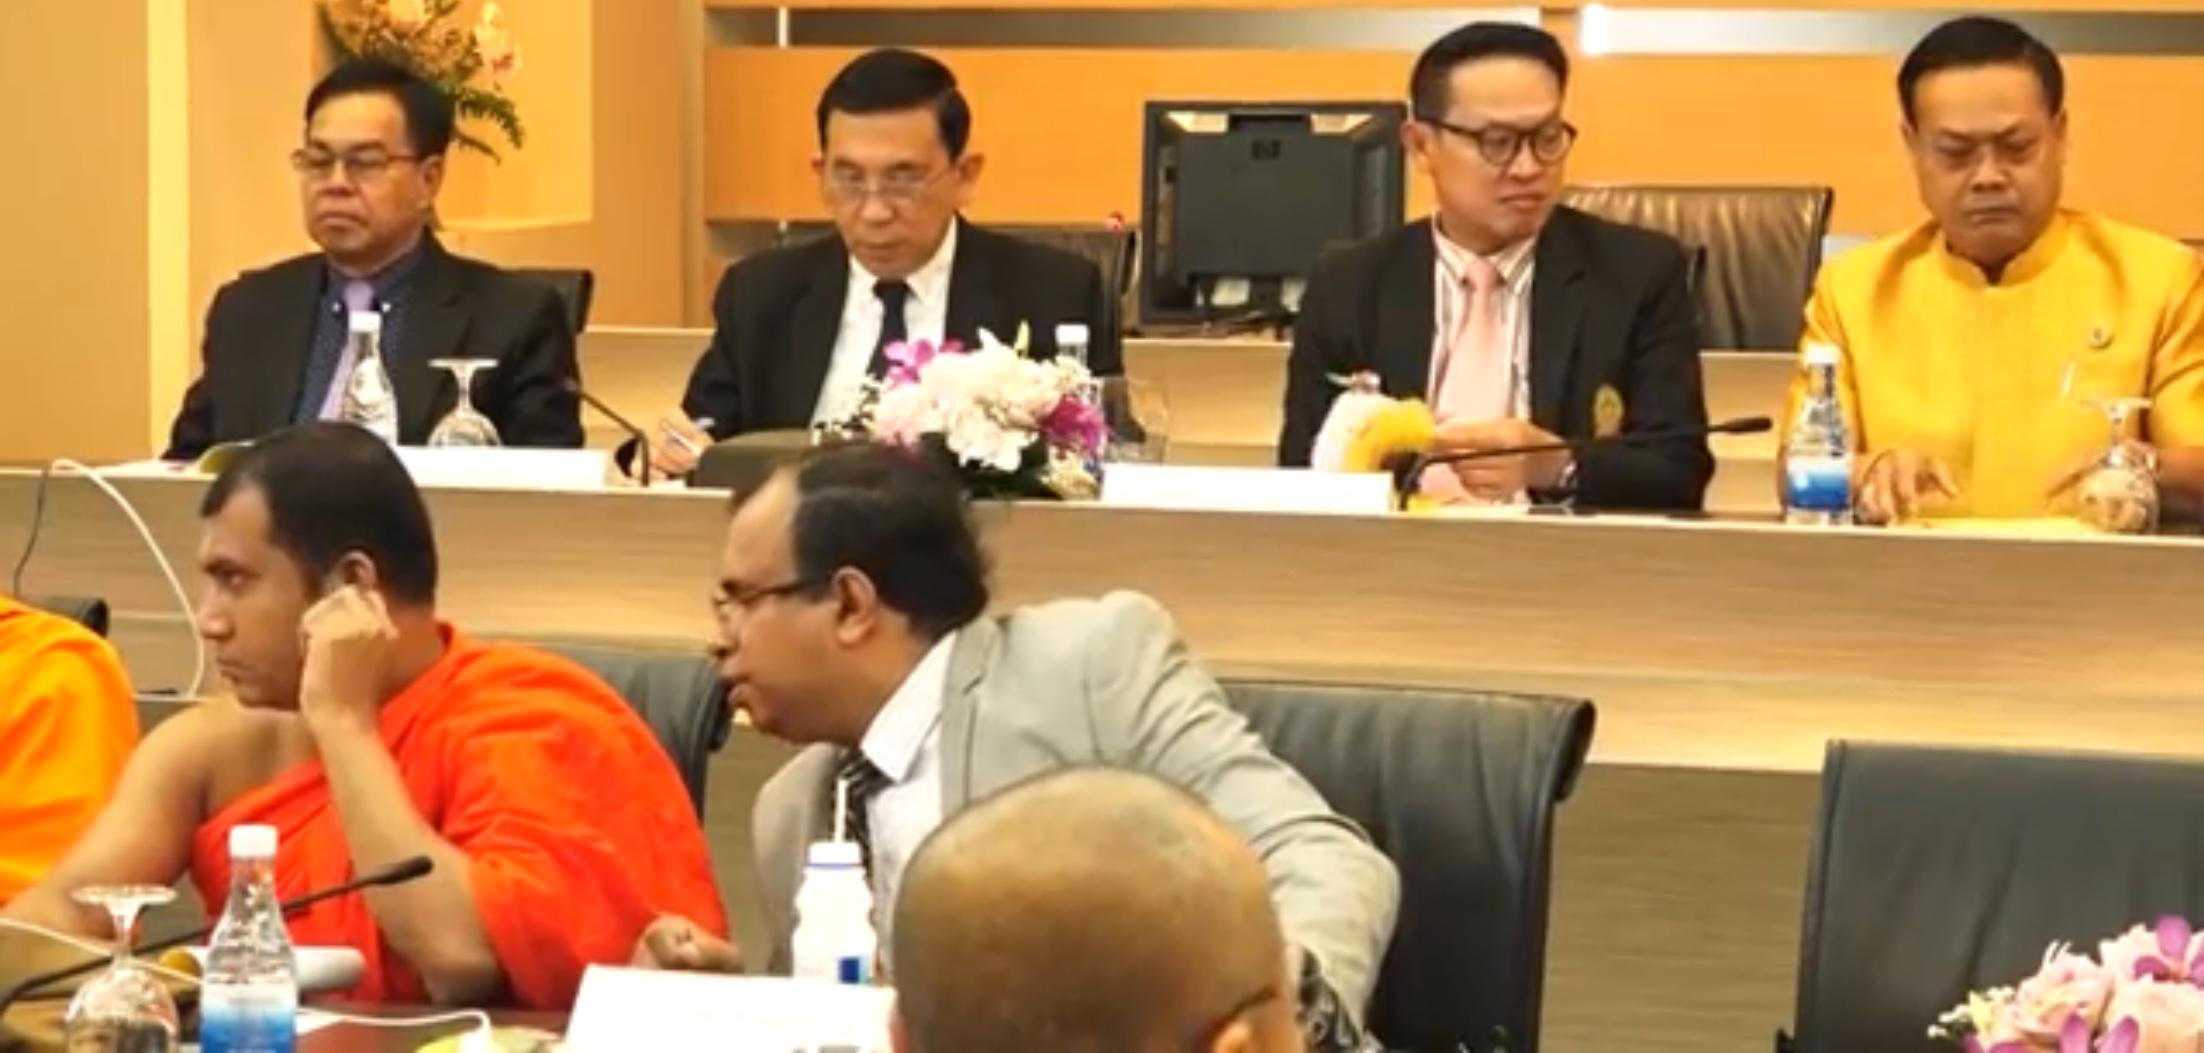 Phật Giáo Việt Nam chính thức đăng cai đại lễ Vesak Liên Hiệp  Quốc 2019